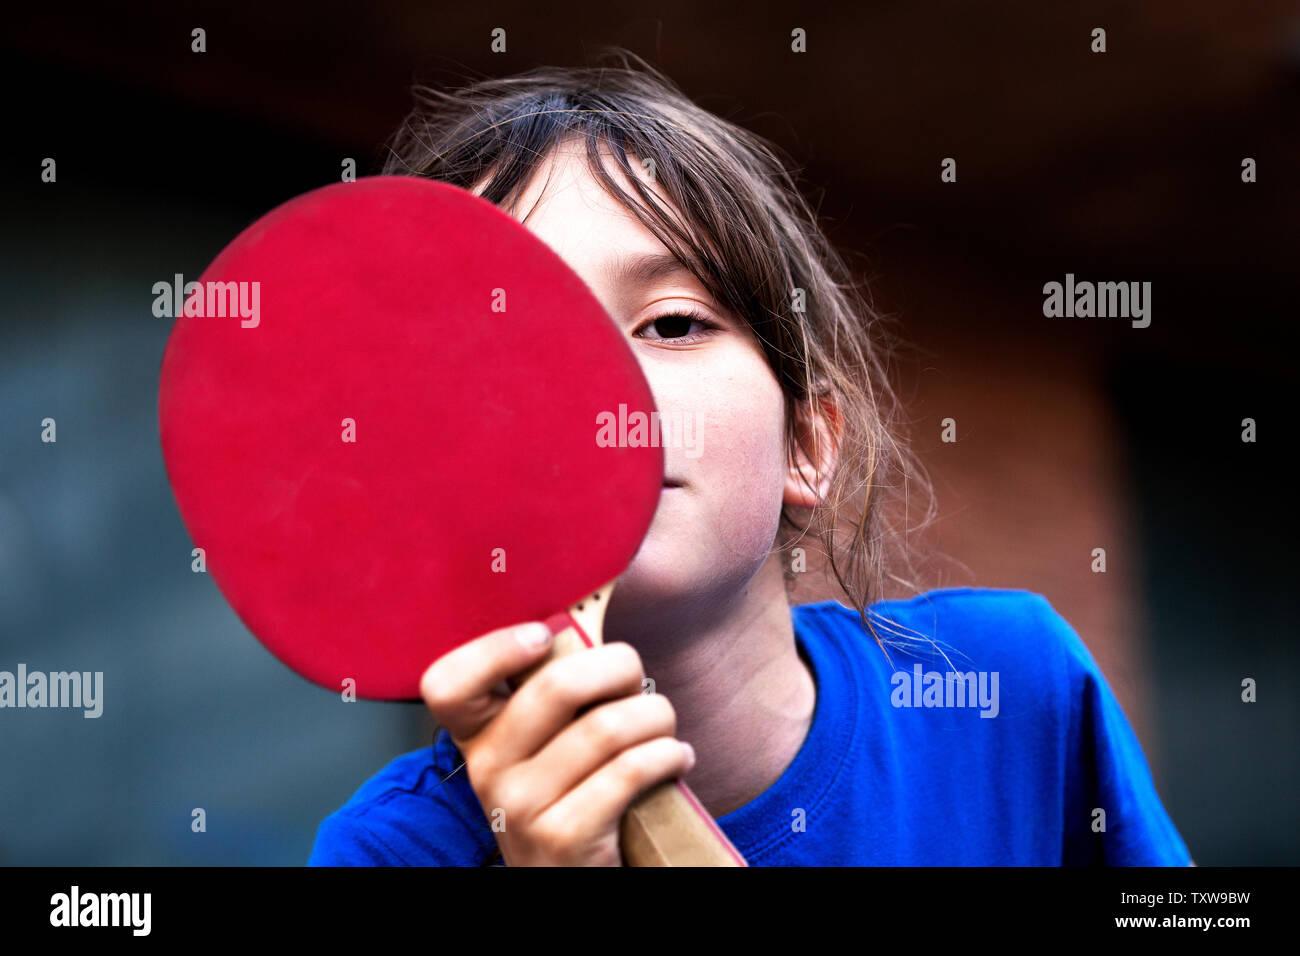 Junge versteckt sein Gesicht hinter Tischtennis bat. Stockfoto